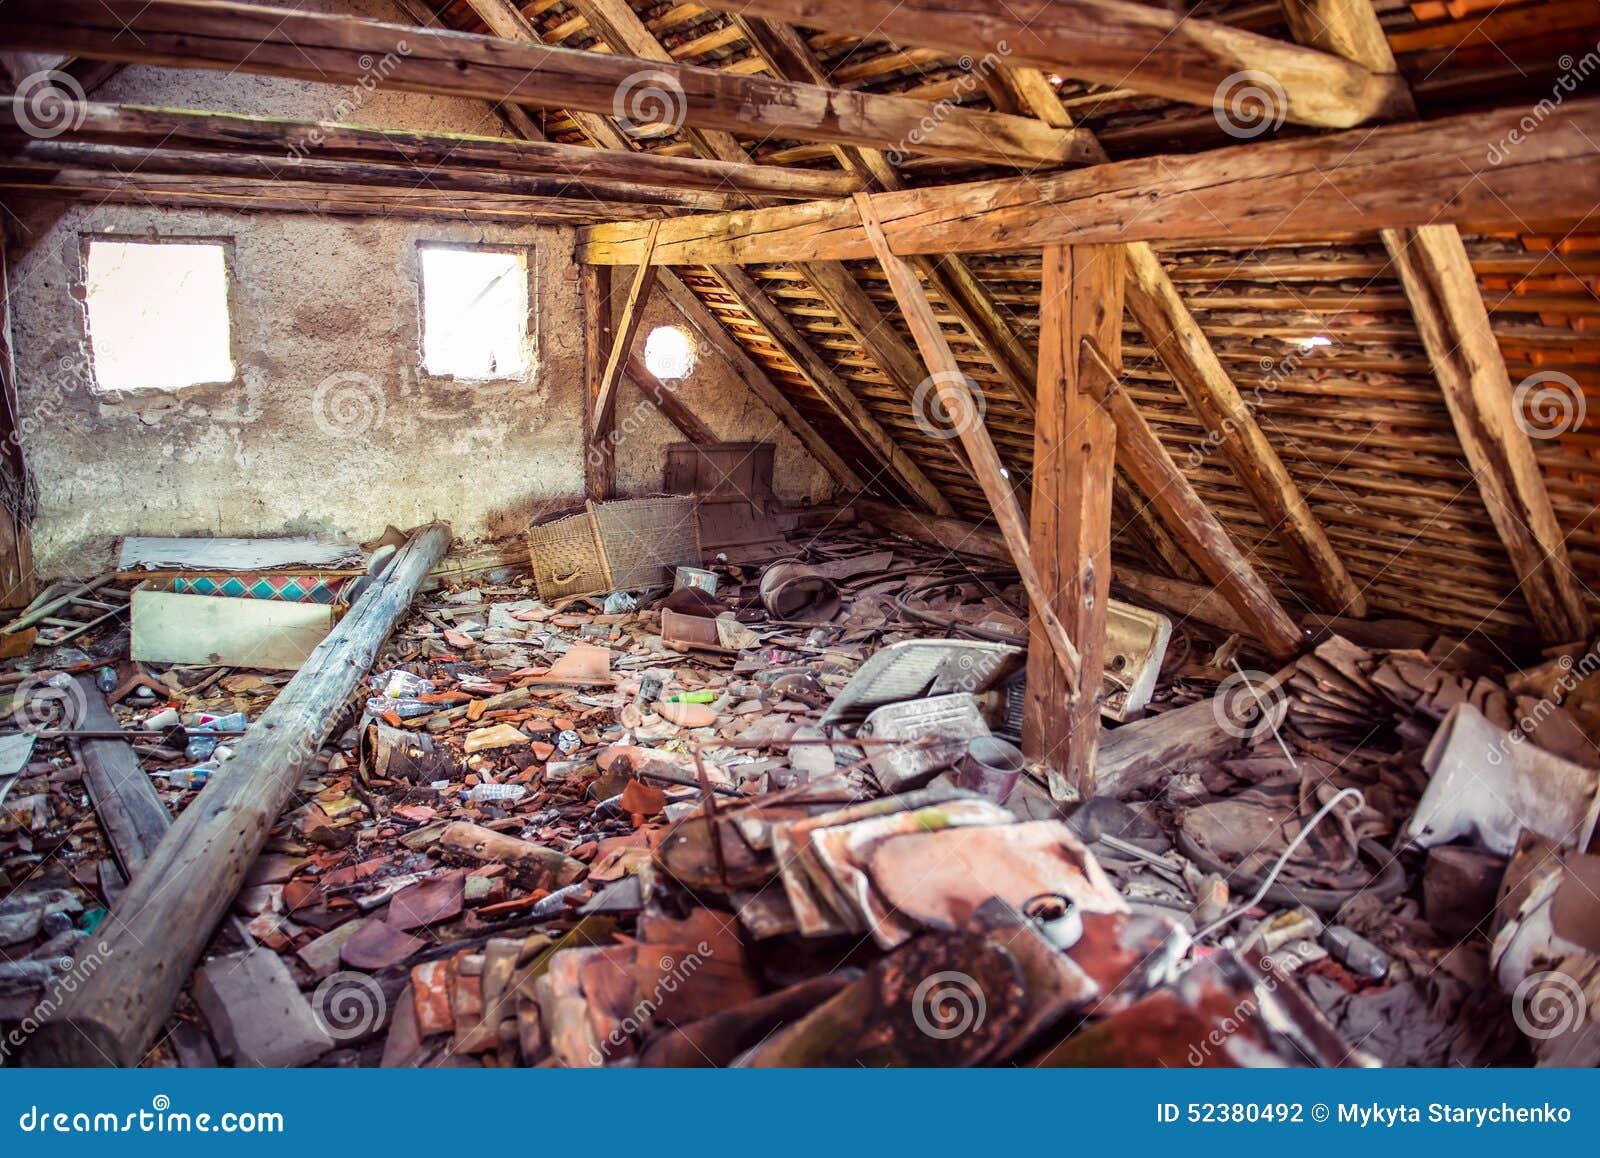 Tico de madera abandonado oxidado de la casa foto de - Aticos de madera ...